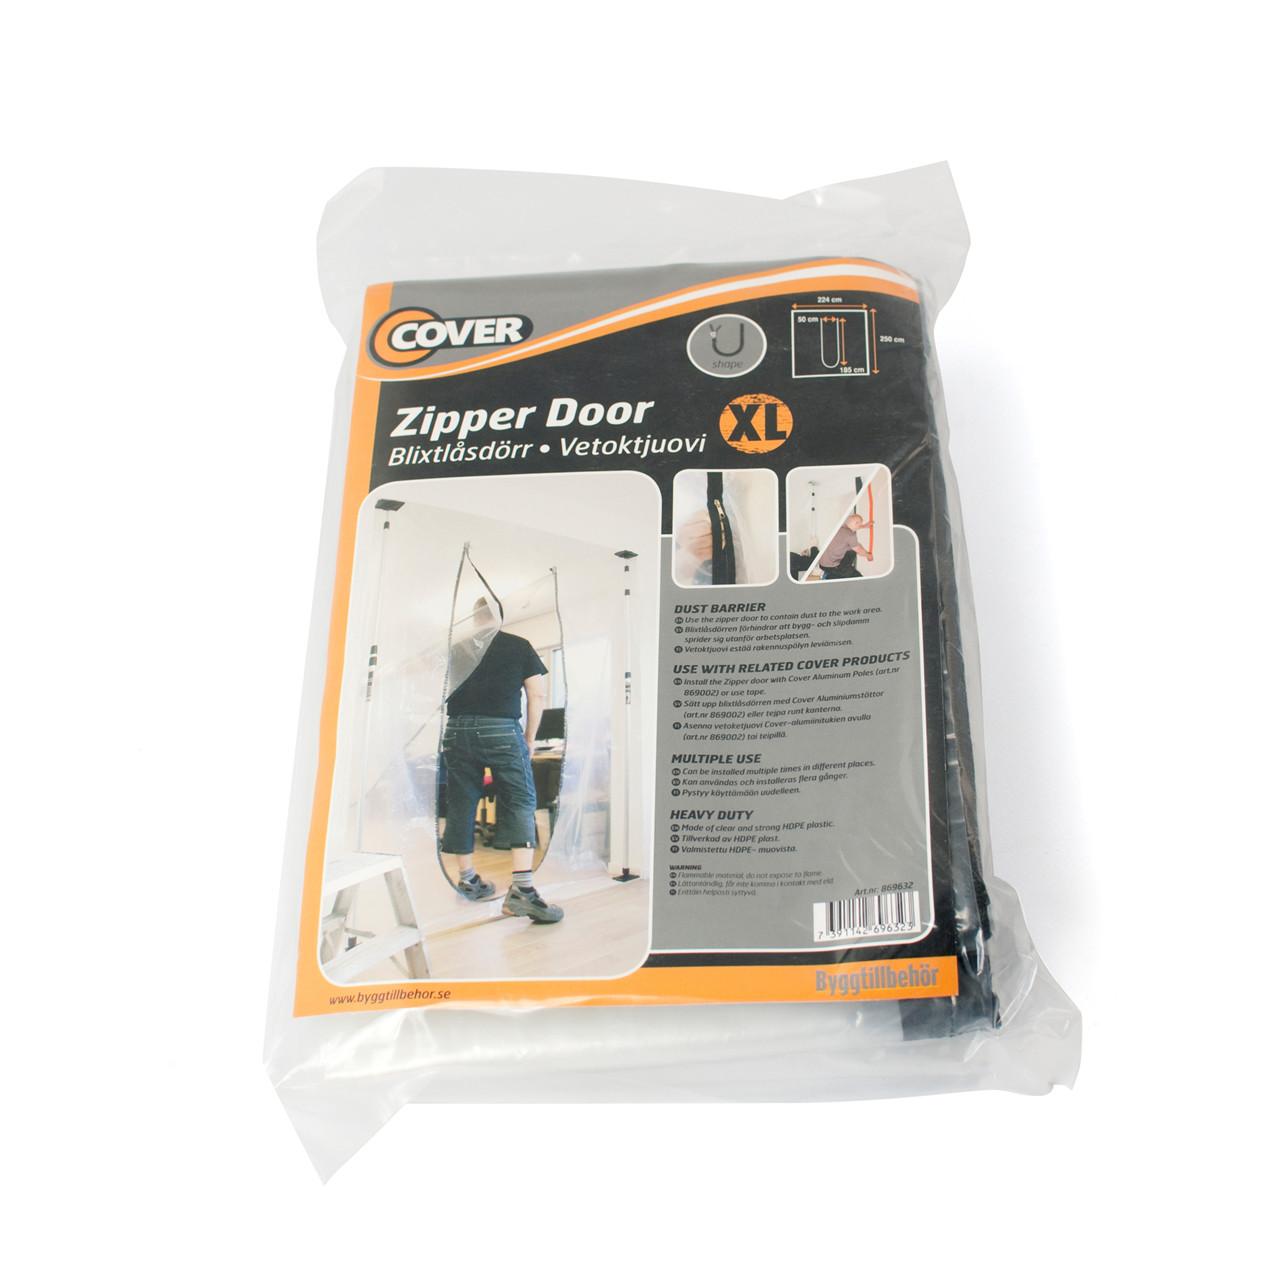 Cover dør med lynlås, XL-åbning - Klima -> Støvafdækning -> Støvdøre|Klima -> Støvafdækning|Klima|Mærker -> Cover